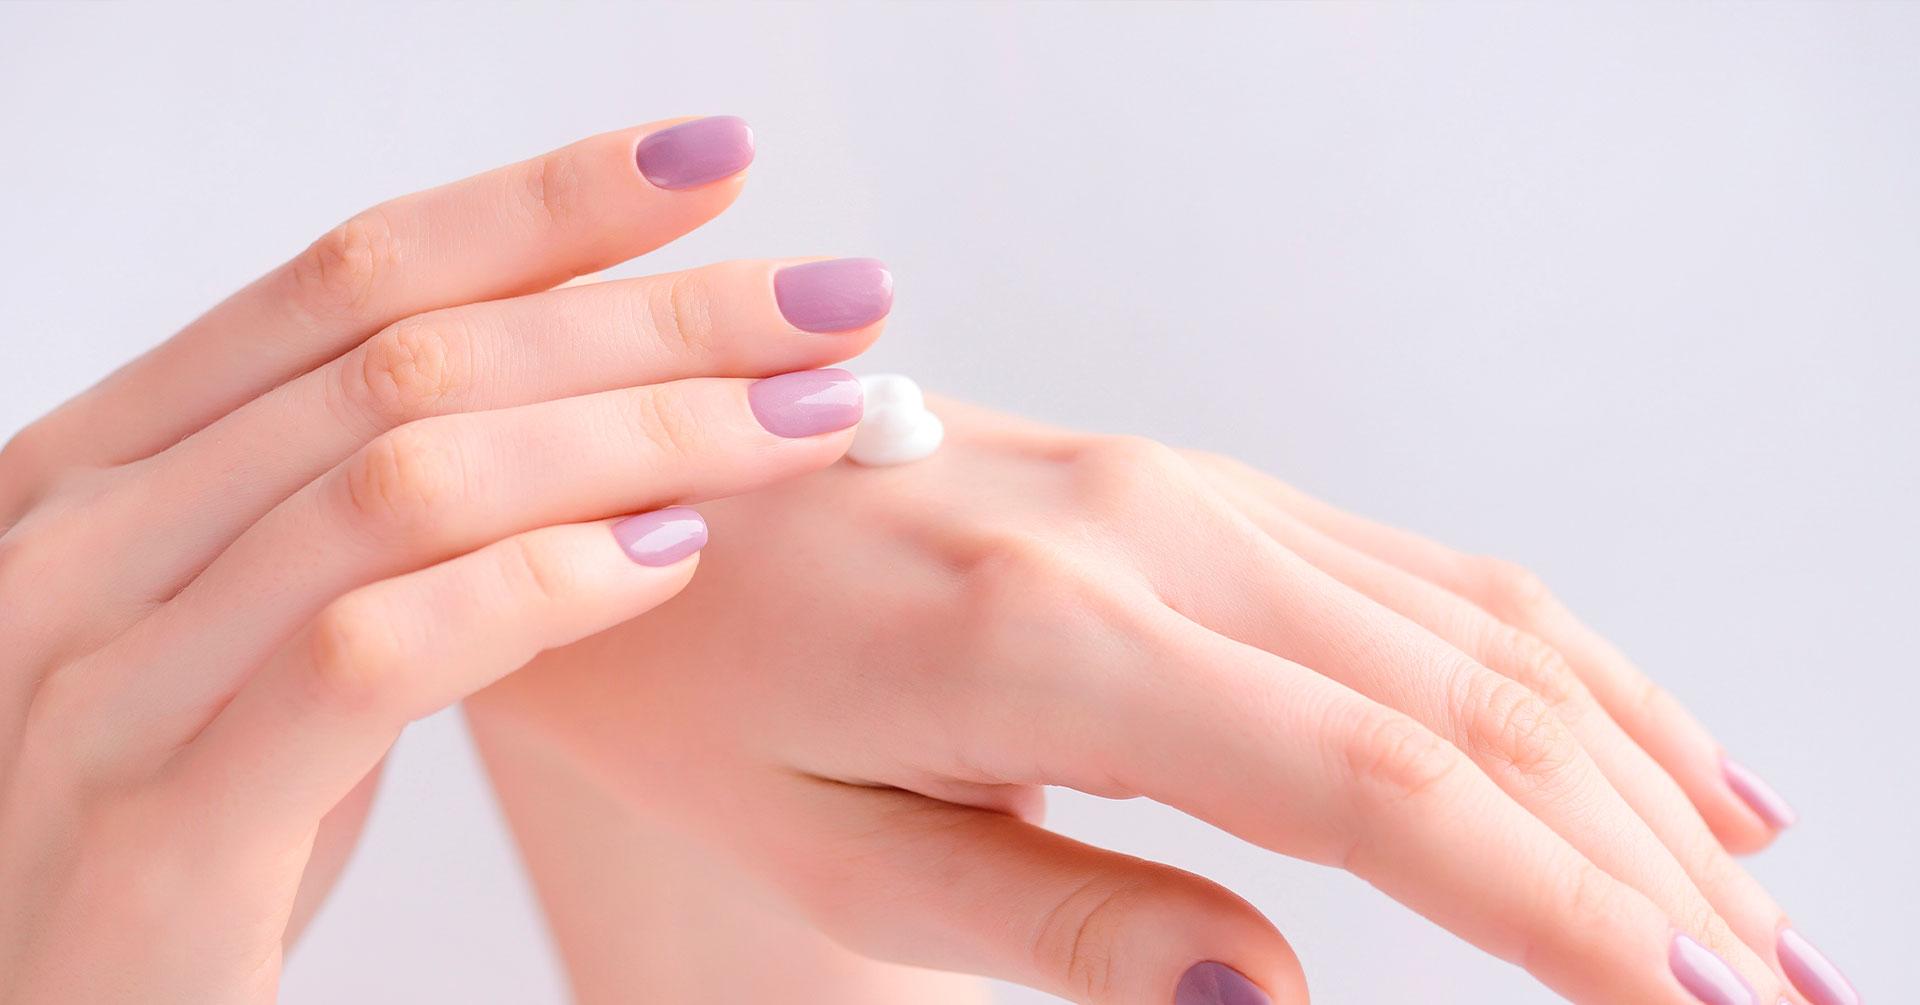 Remedios naturales para hidratar y suavizar las manos resecas